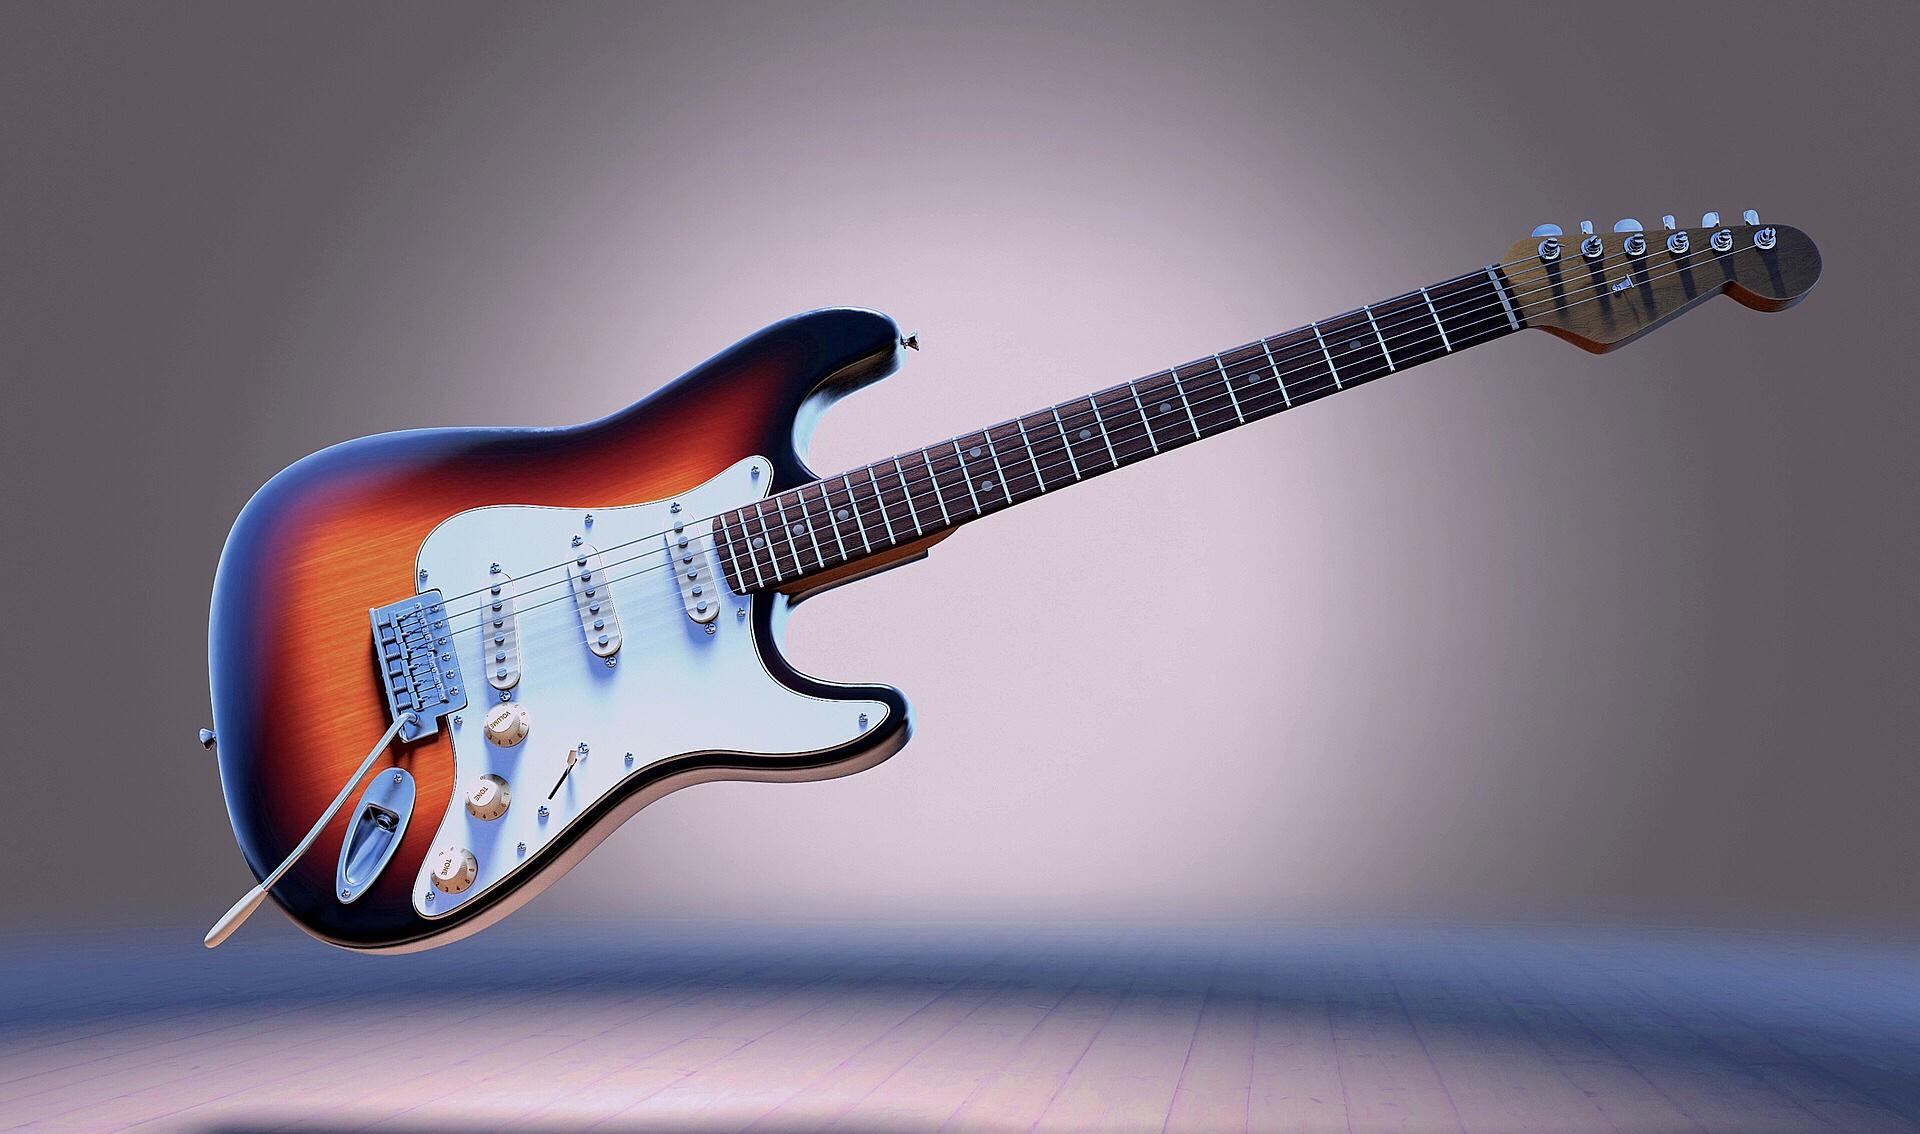 ギブソンの経営破綻から楽器市場の動向を考える